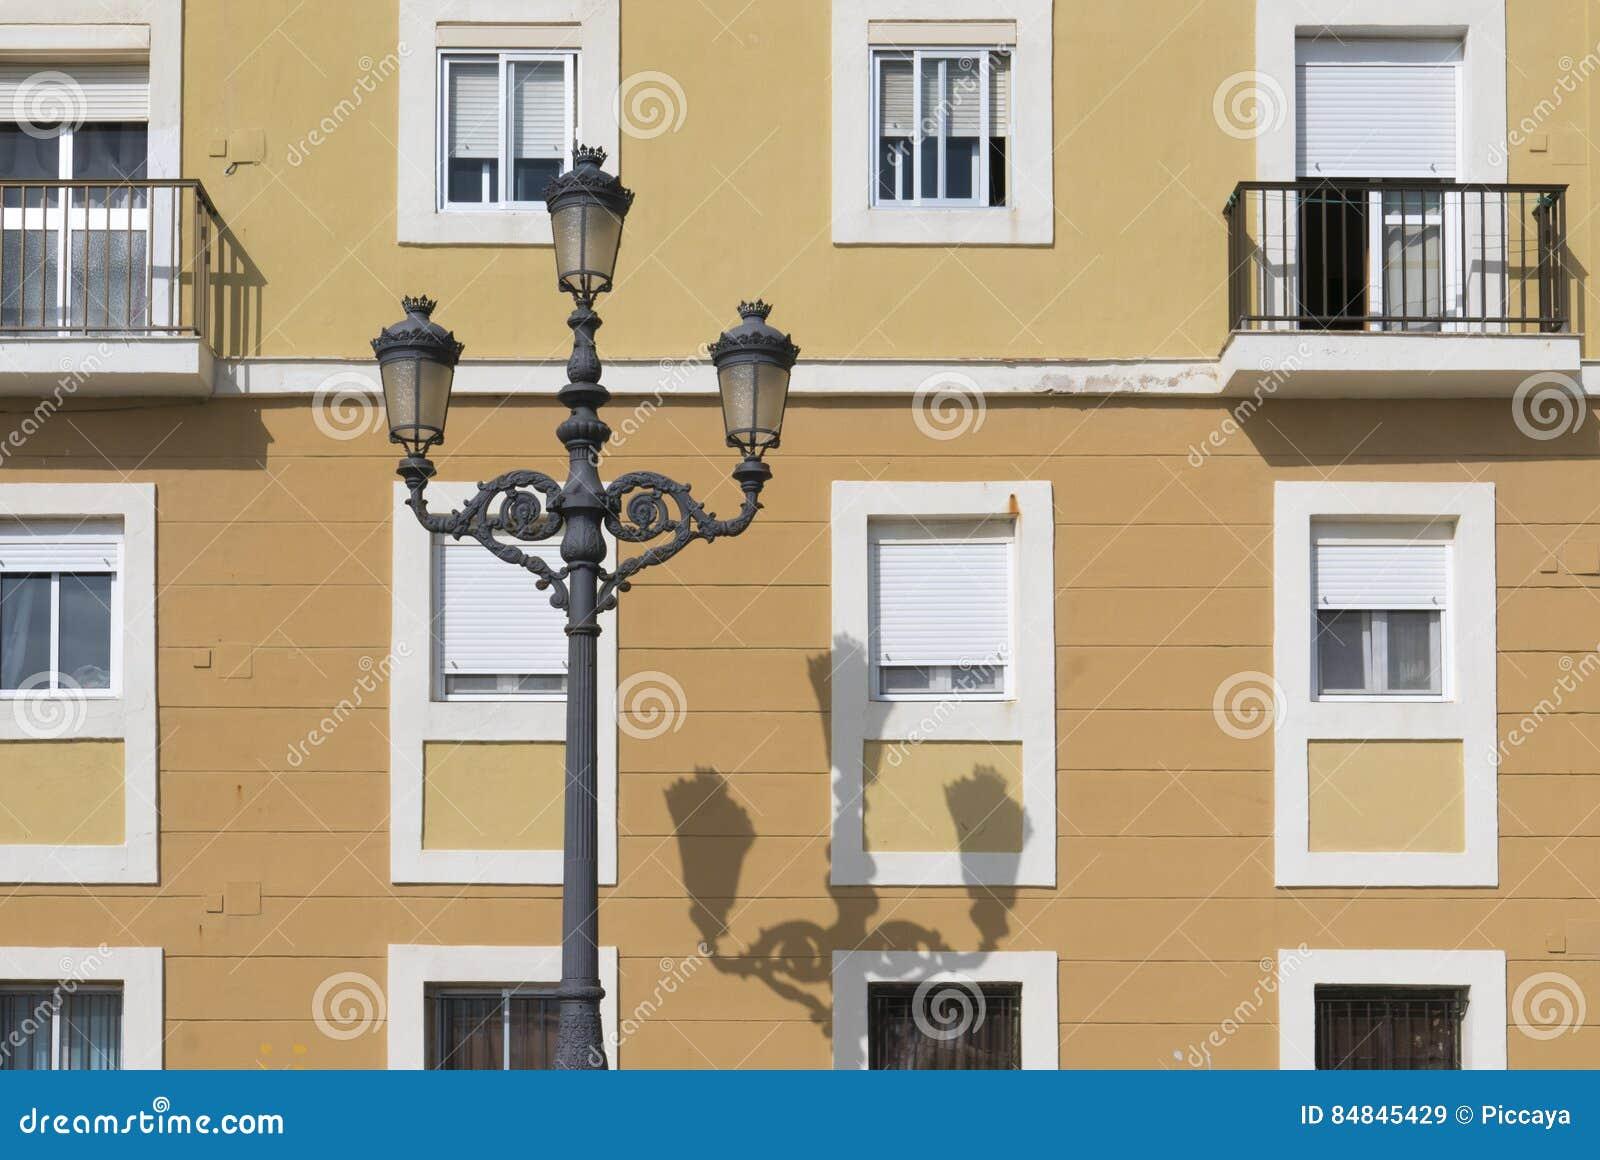 Vecchie case colorate con i vari colori sulla facciata a - Colori facciate case ...